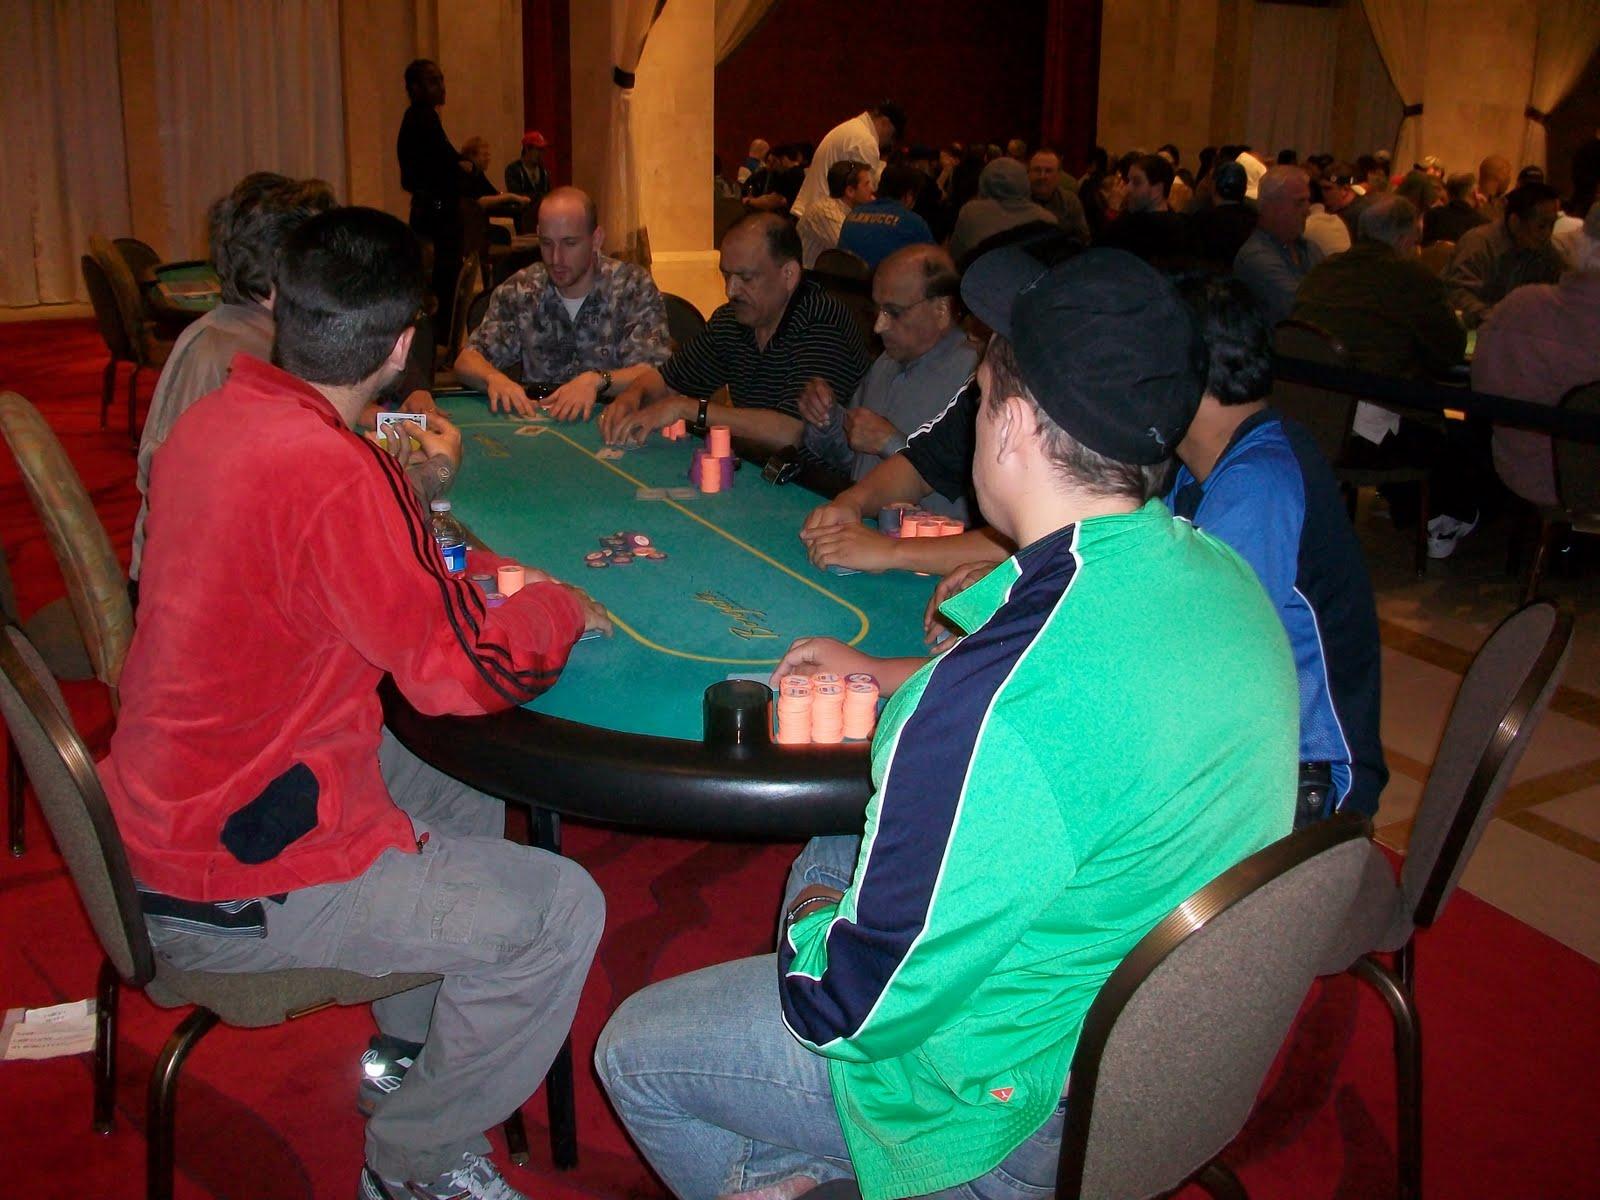 http://4.bp.blogspot.com/_YFuEKy0IcKk/S8n9ZkWW2HI/AAAAAAAABwY/xiUH5VAJbMA/s1600/final+table+04+17+mixed+game.JPG